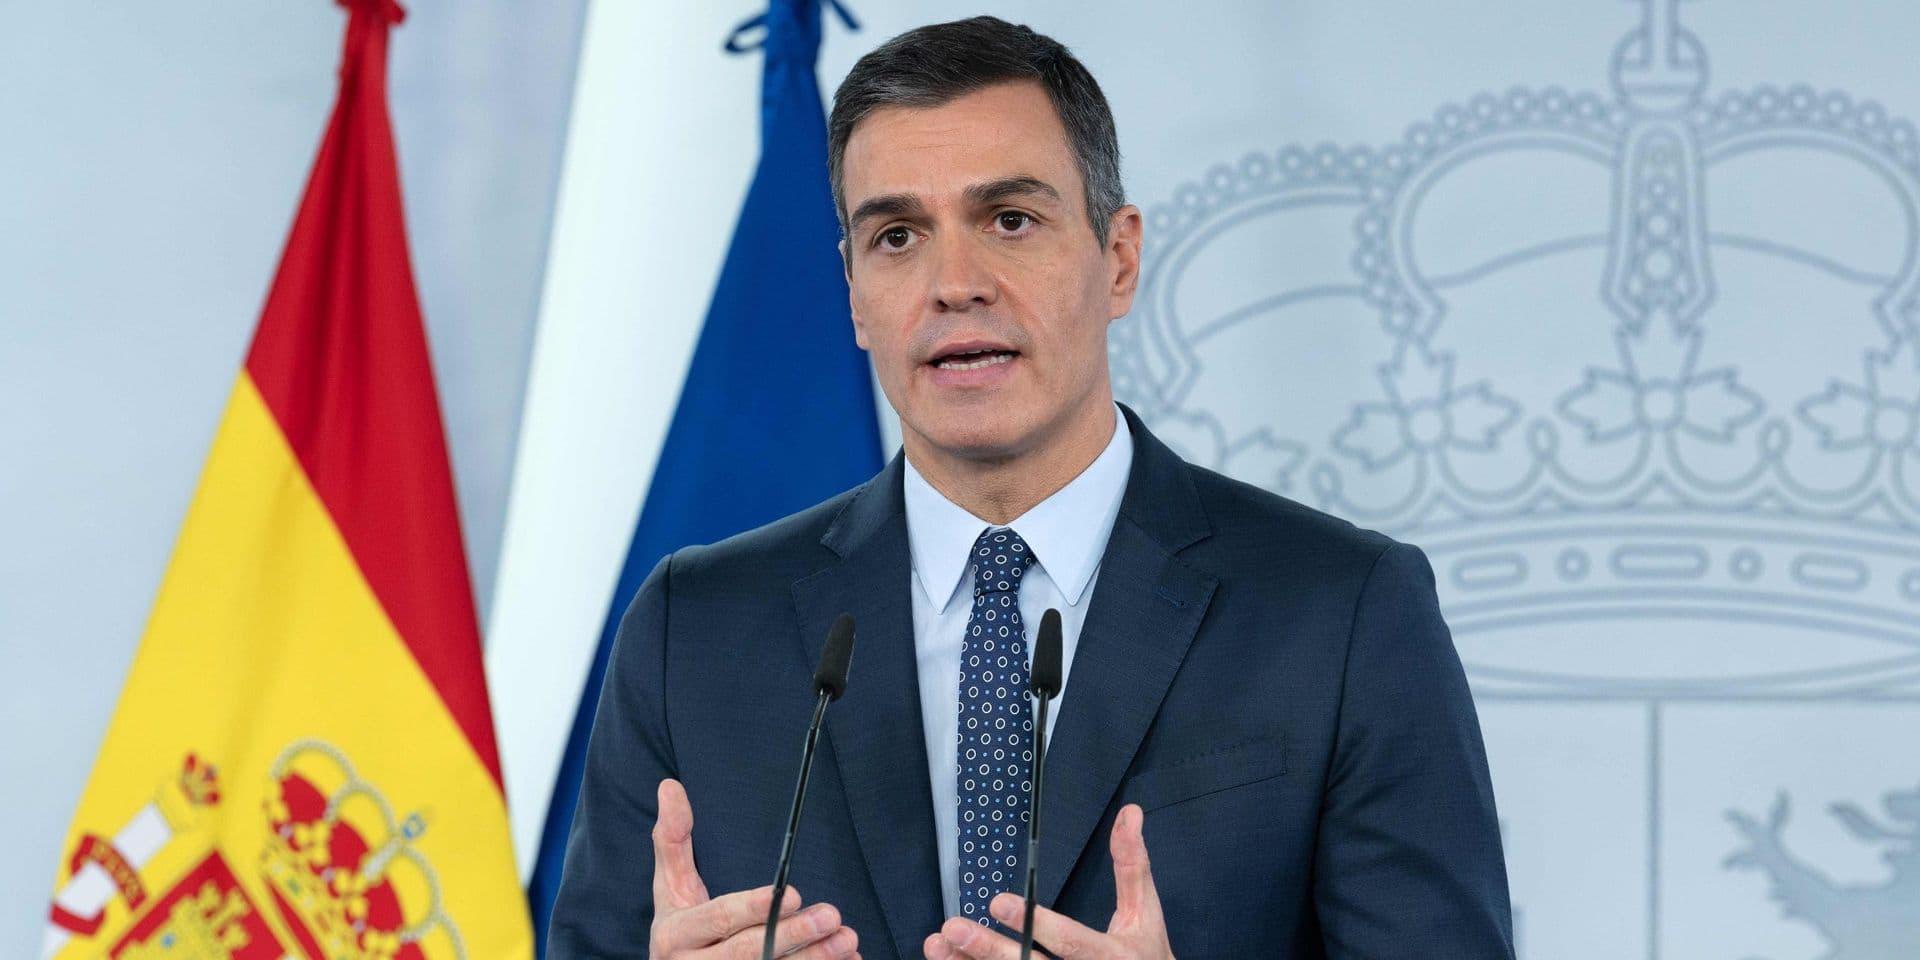 Espagne: l'état d'urgence sanitaire officiellement prolongé jusqu'au 9 mai 2021, 27.000 nouvelles infections en 24 heures en Italie